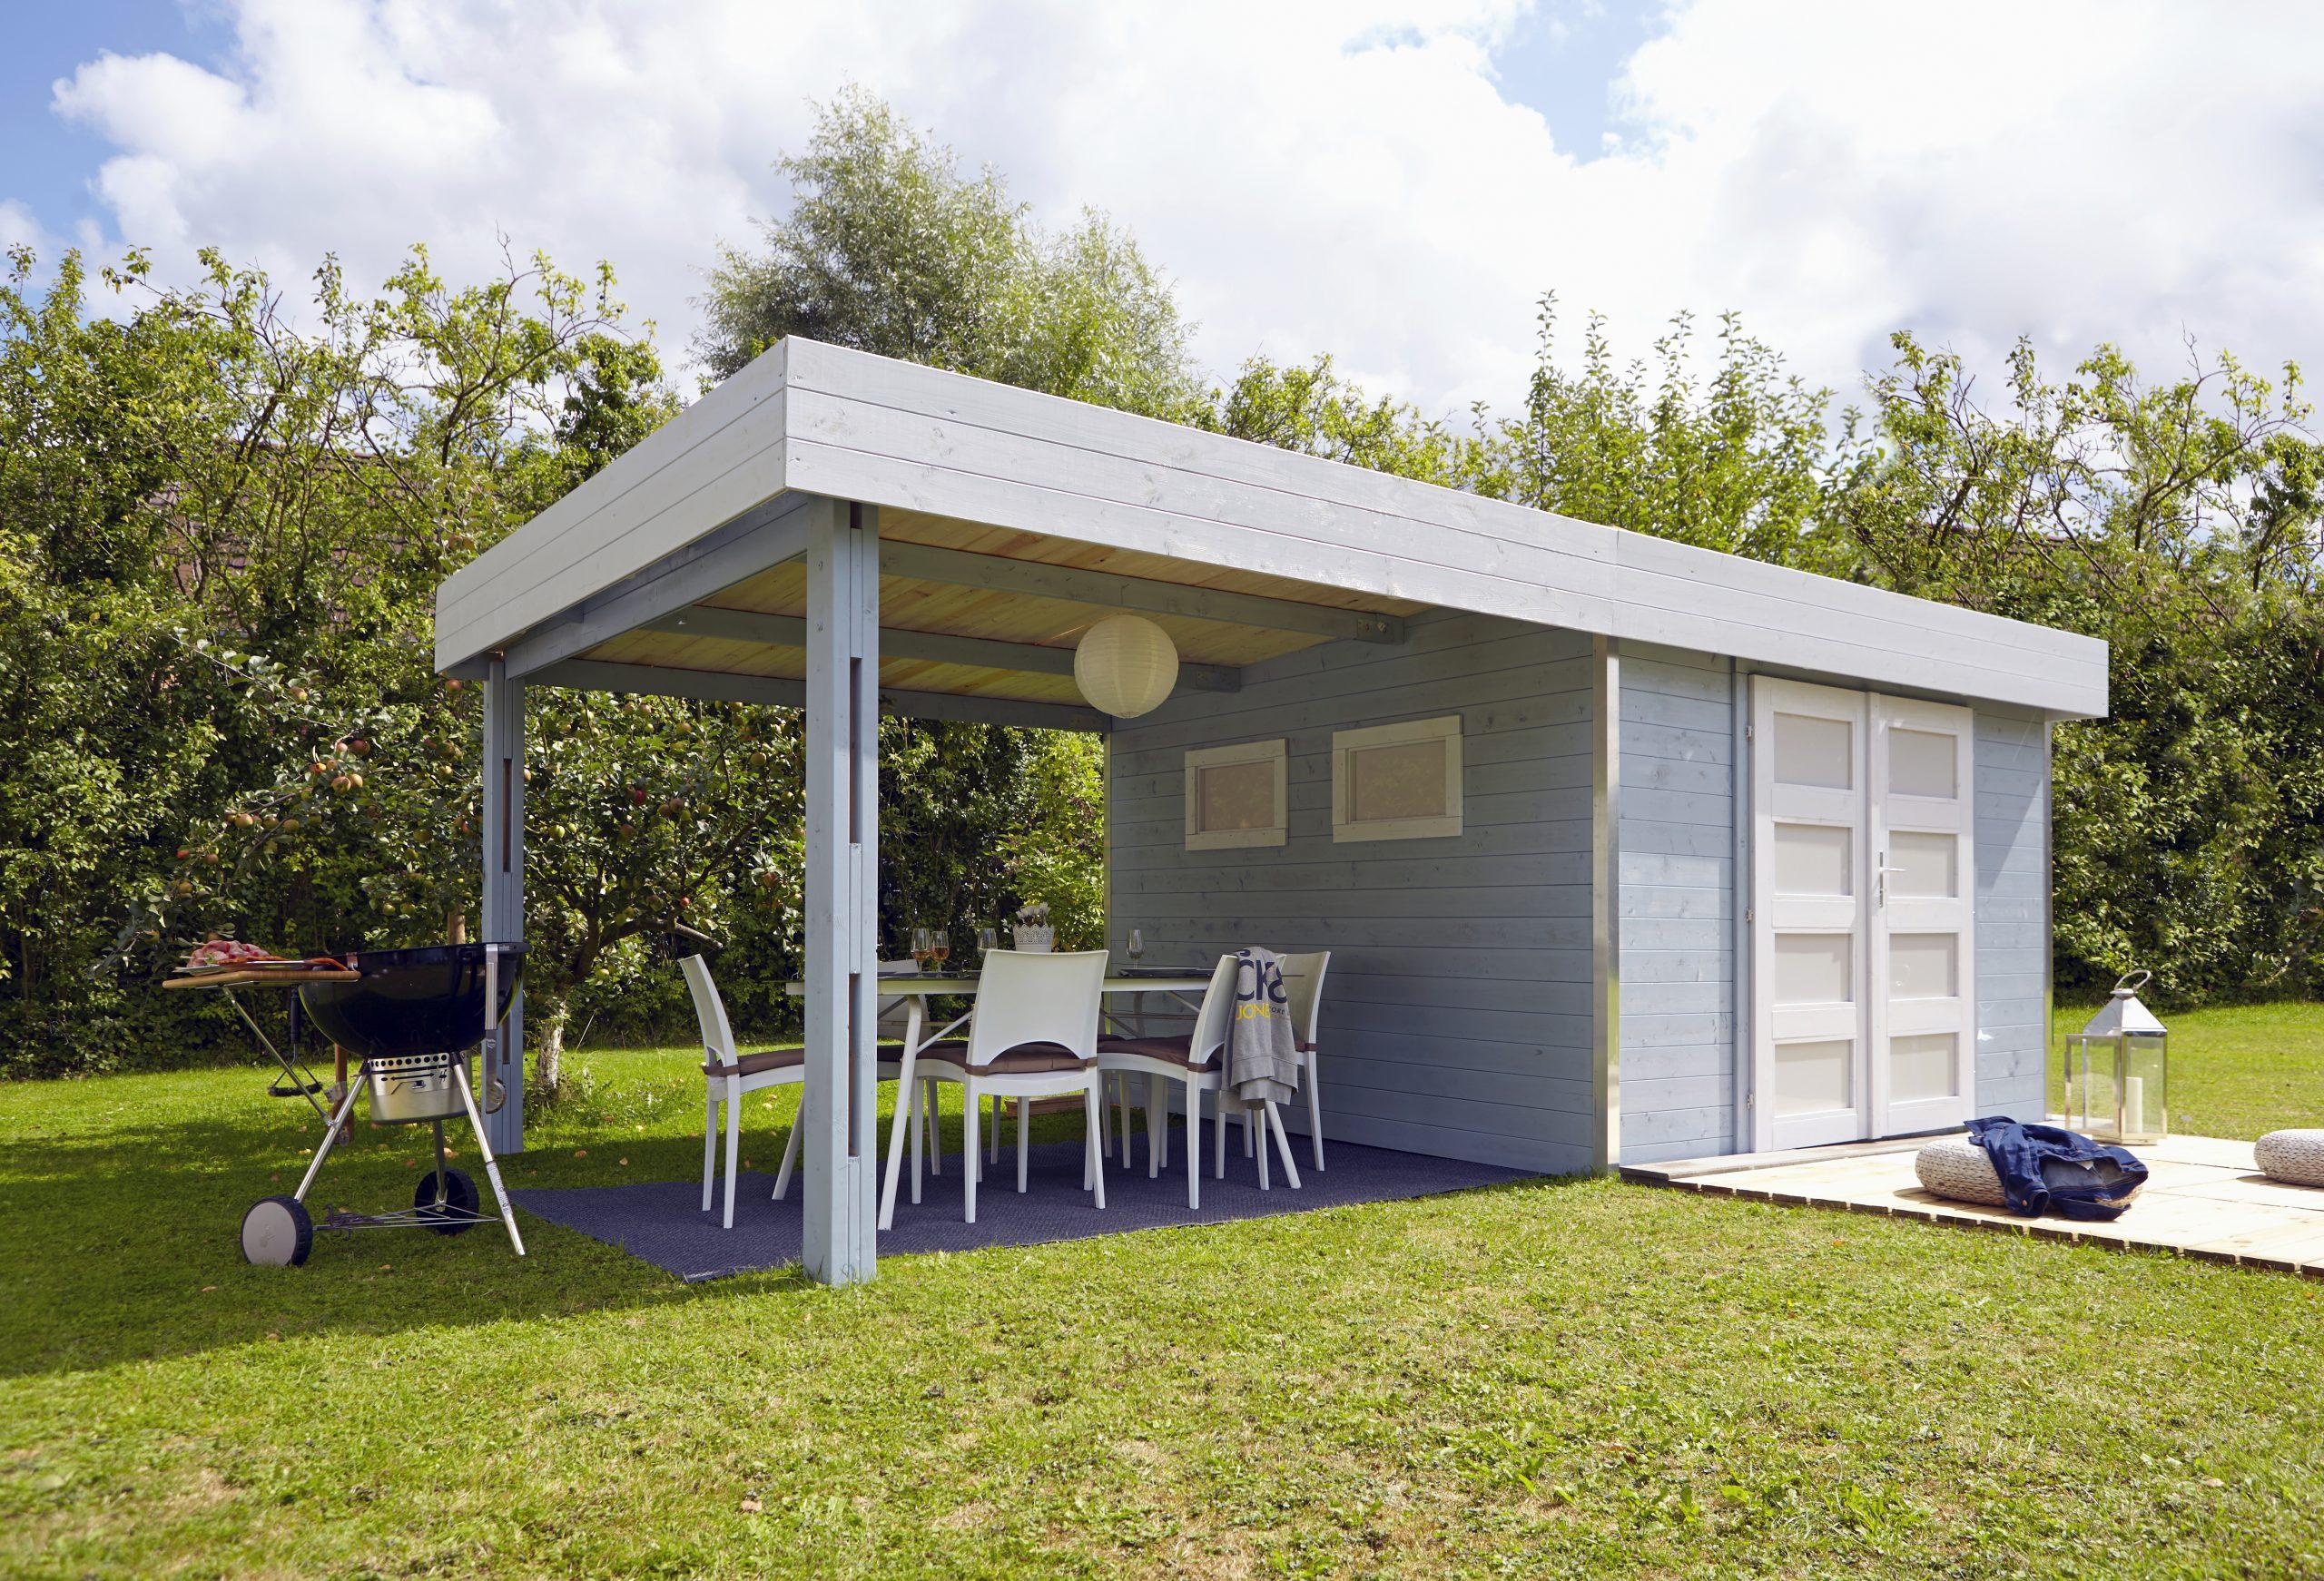 Abri Bois Lounj, 28Mm, 6.56M², 3X2 M, Avec Auvent Couvert ... avec Abri De Jardin 3X2